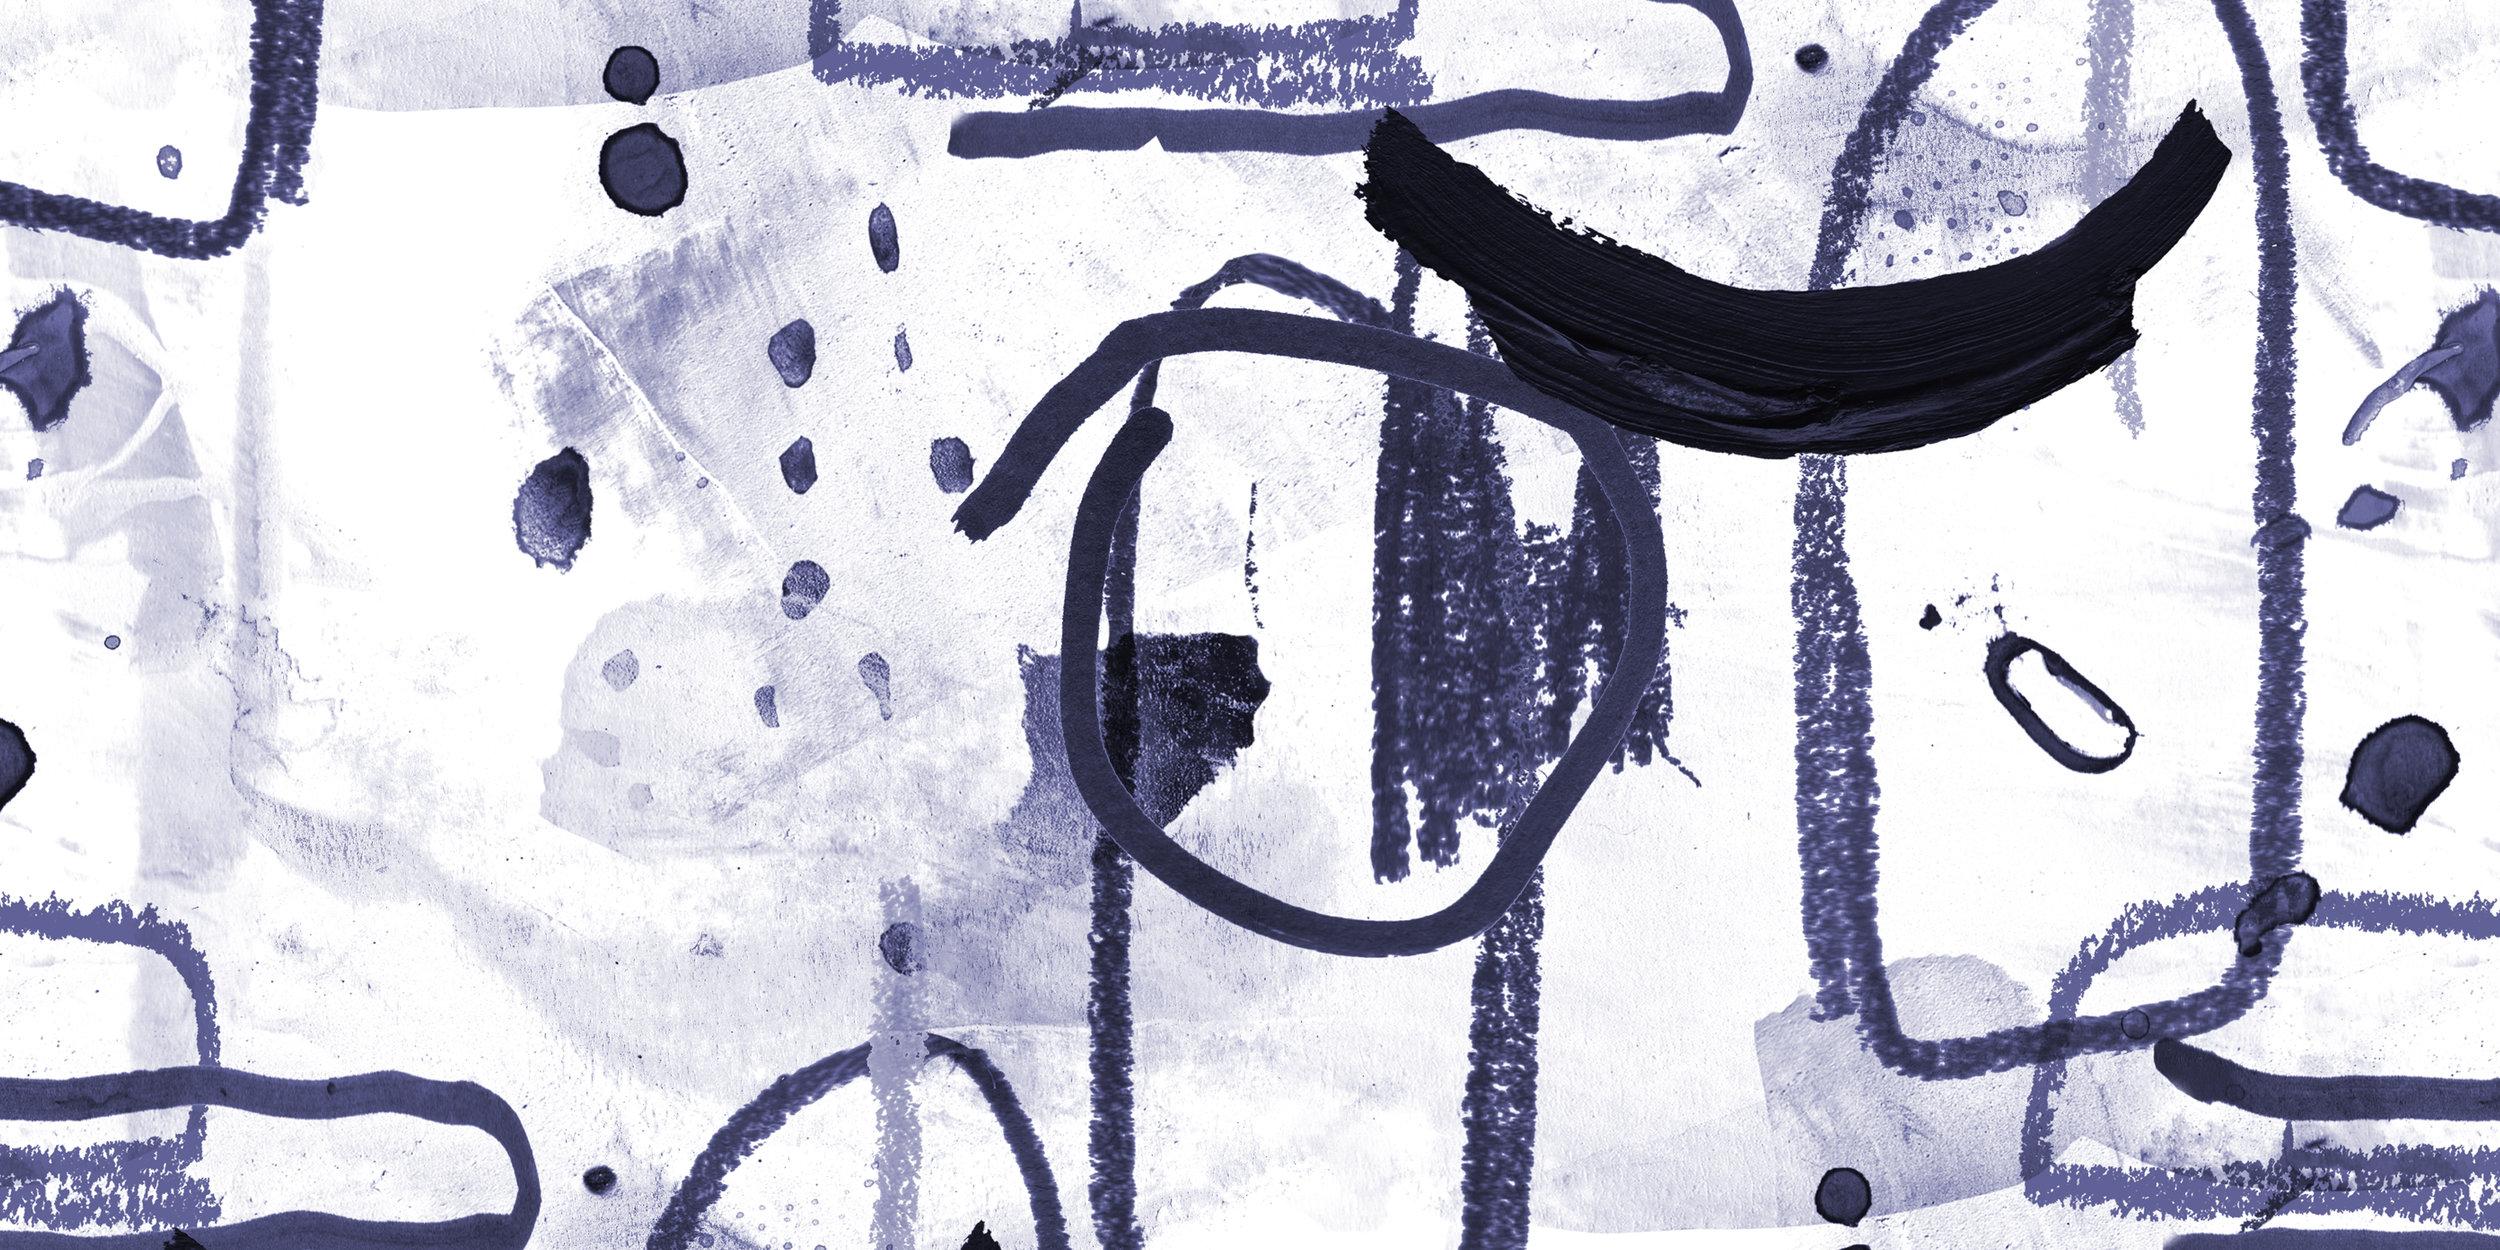 PatternsForWebsite_Wide_AbstractBlue.jpg